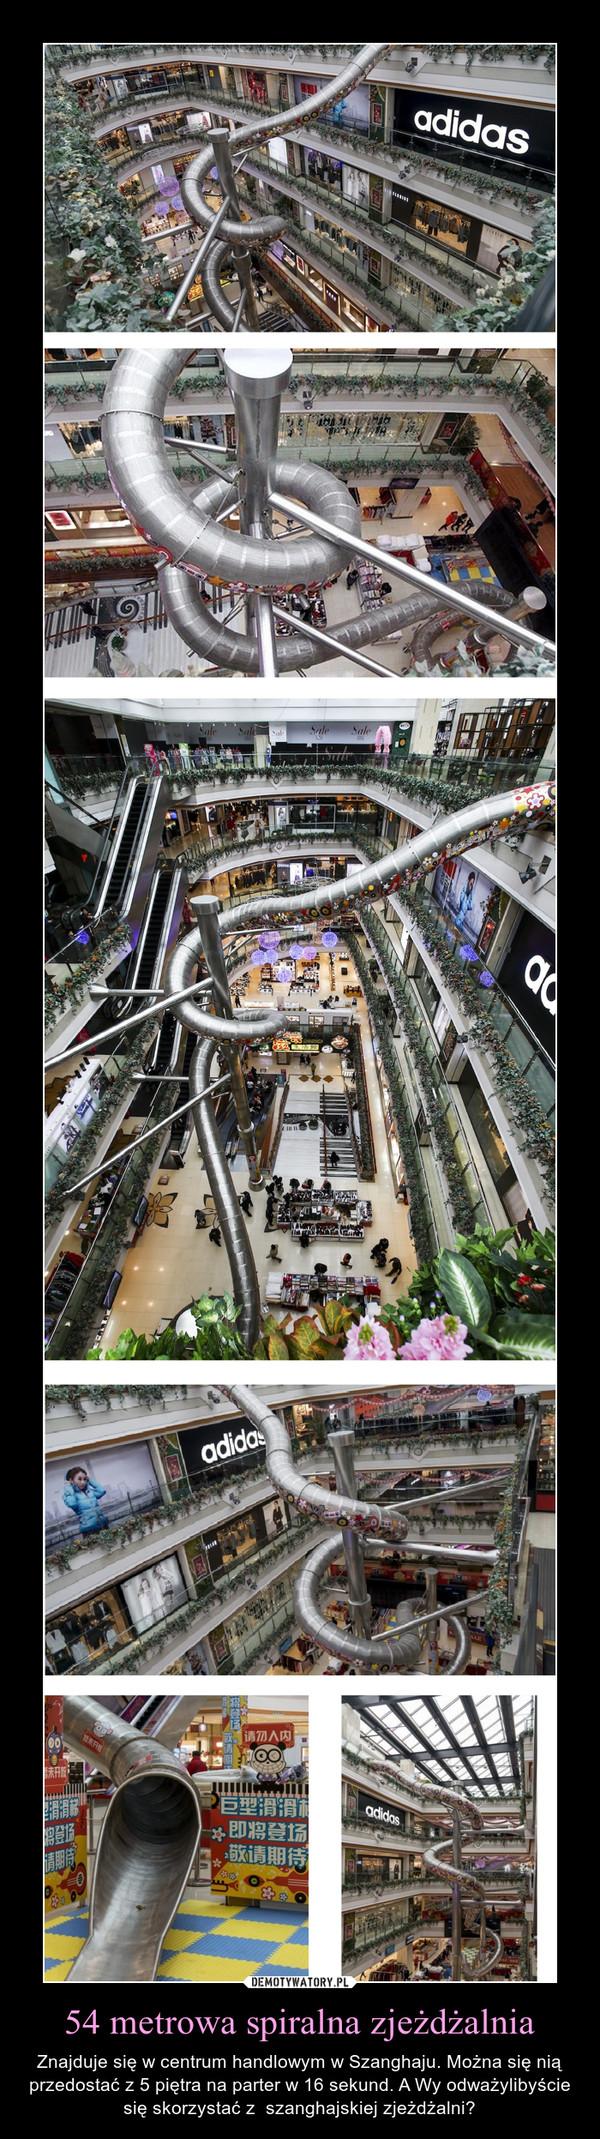 54 metrowa spiralna zjeżdżalnia – Znajduje się w centrum handlowym w Szanghaju. Można się nią przedostać z 5 piętra na parter w 16 sekund. A Wy odważylibyście się skorzystać z  szanghajskiej zjeżdżalni?